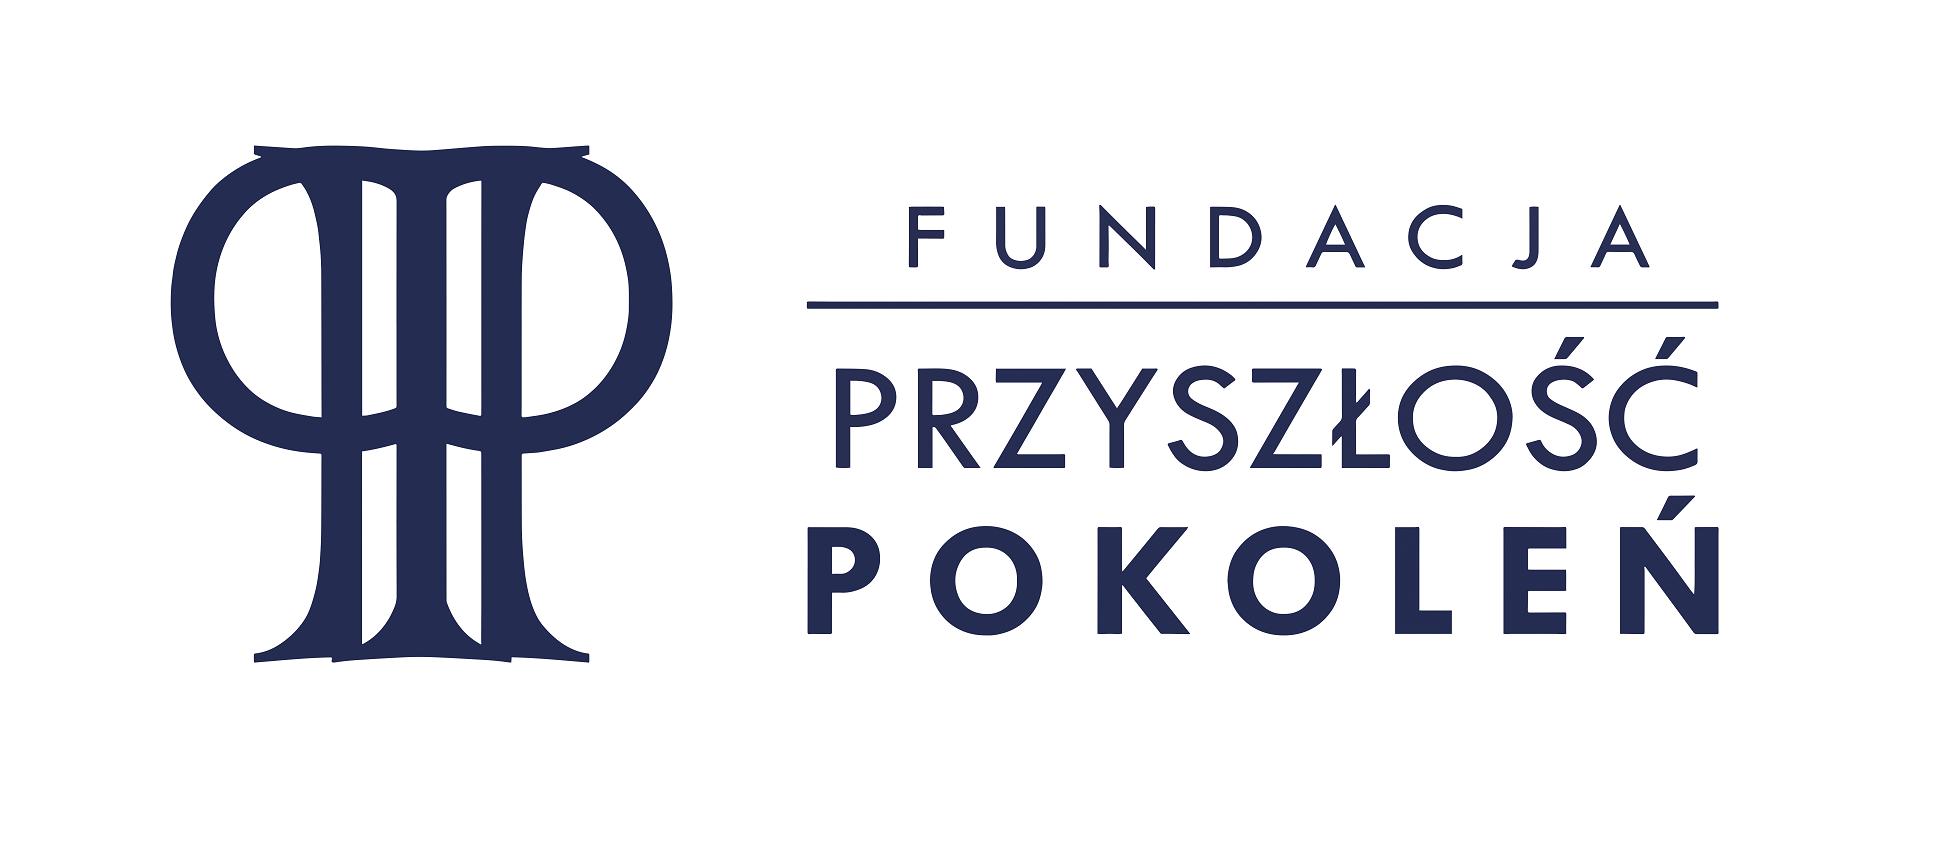 Fundacja Przyszłość Pokoleń